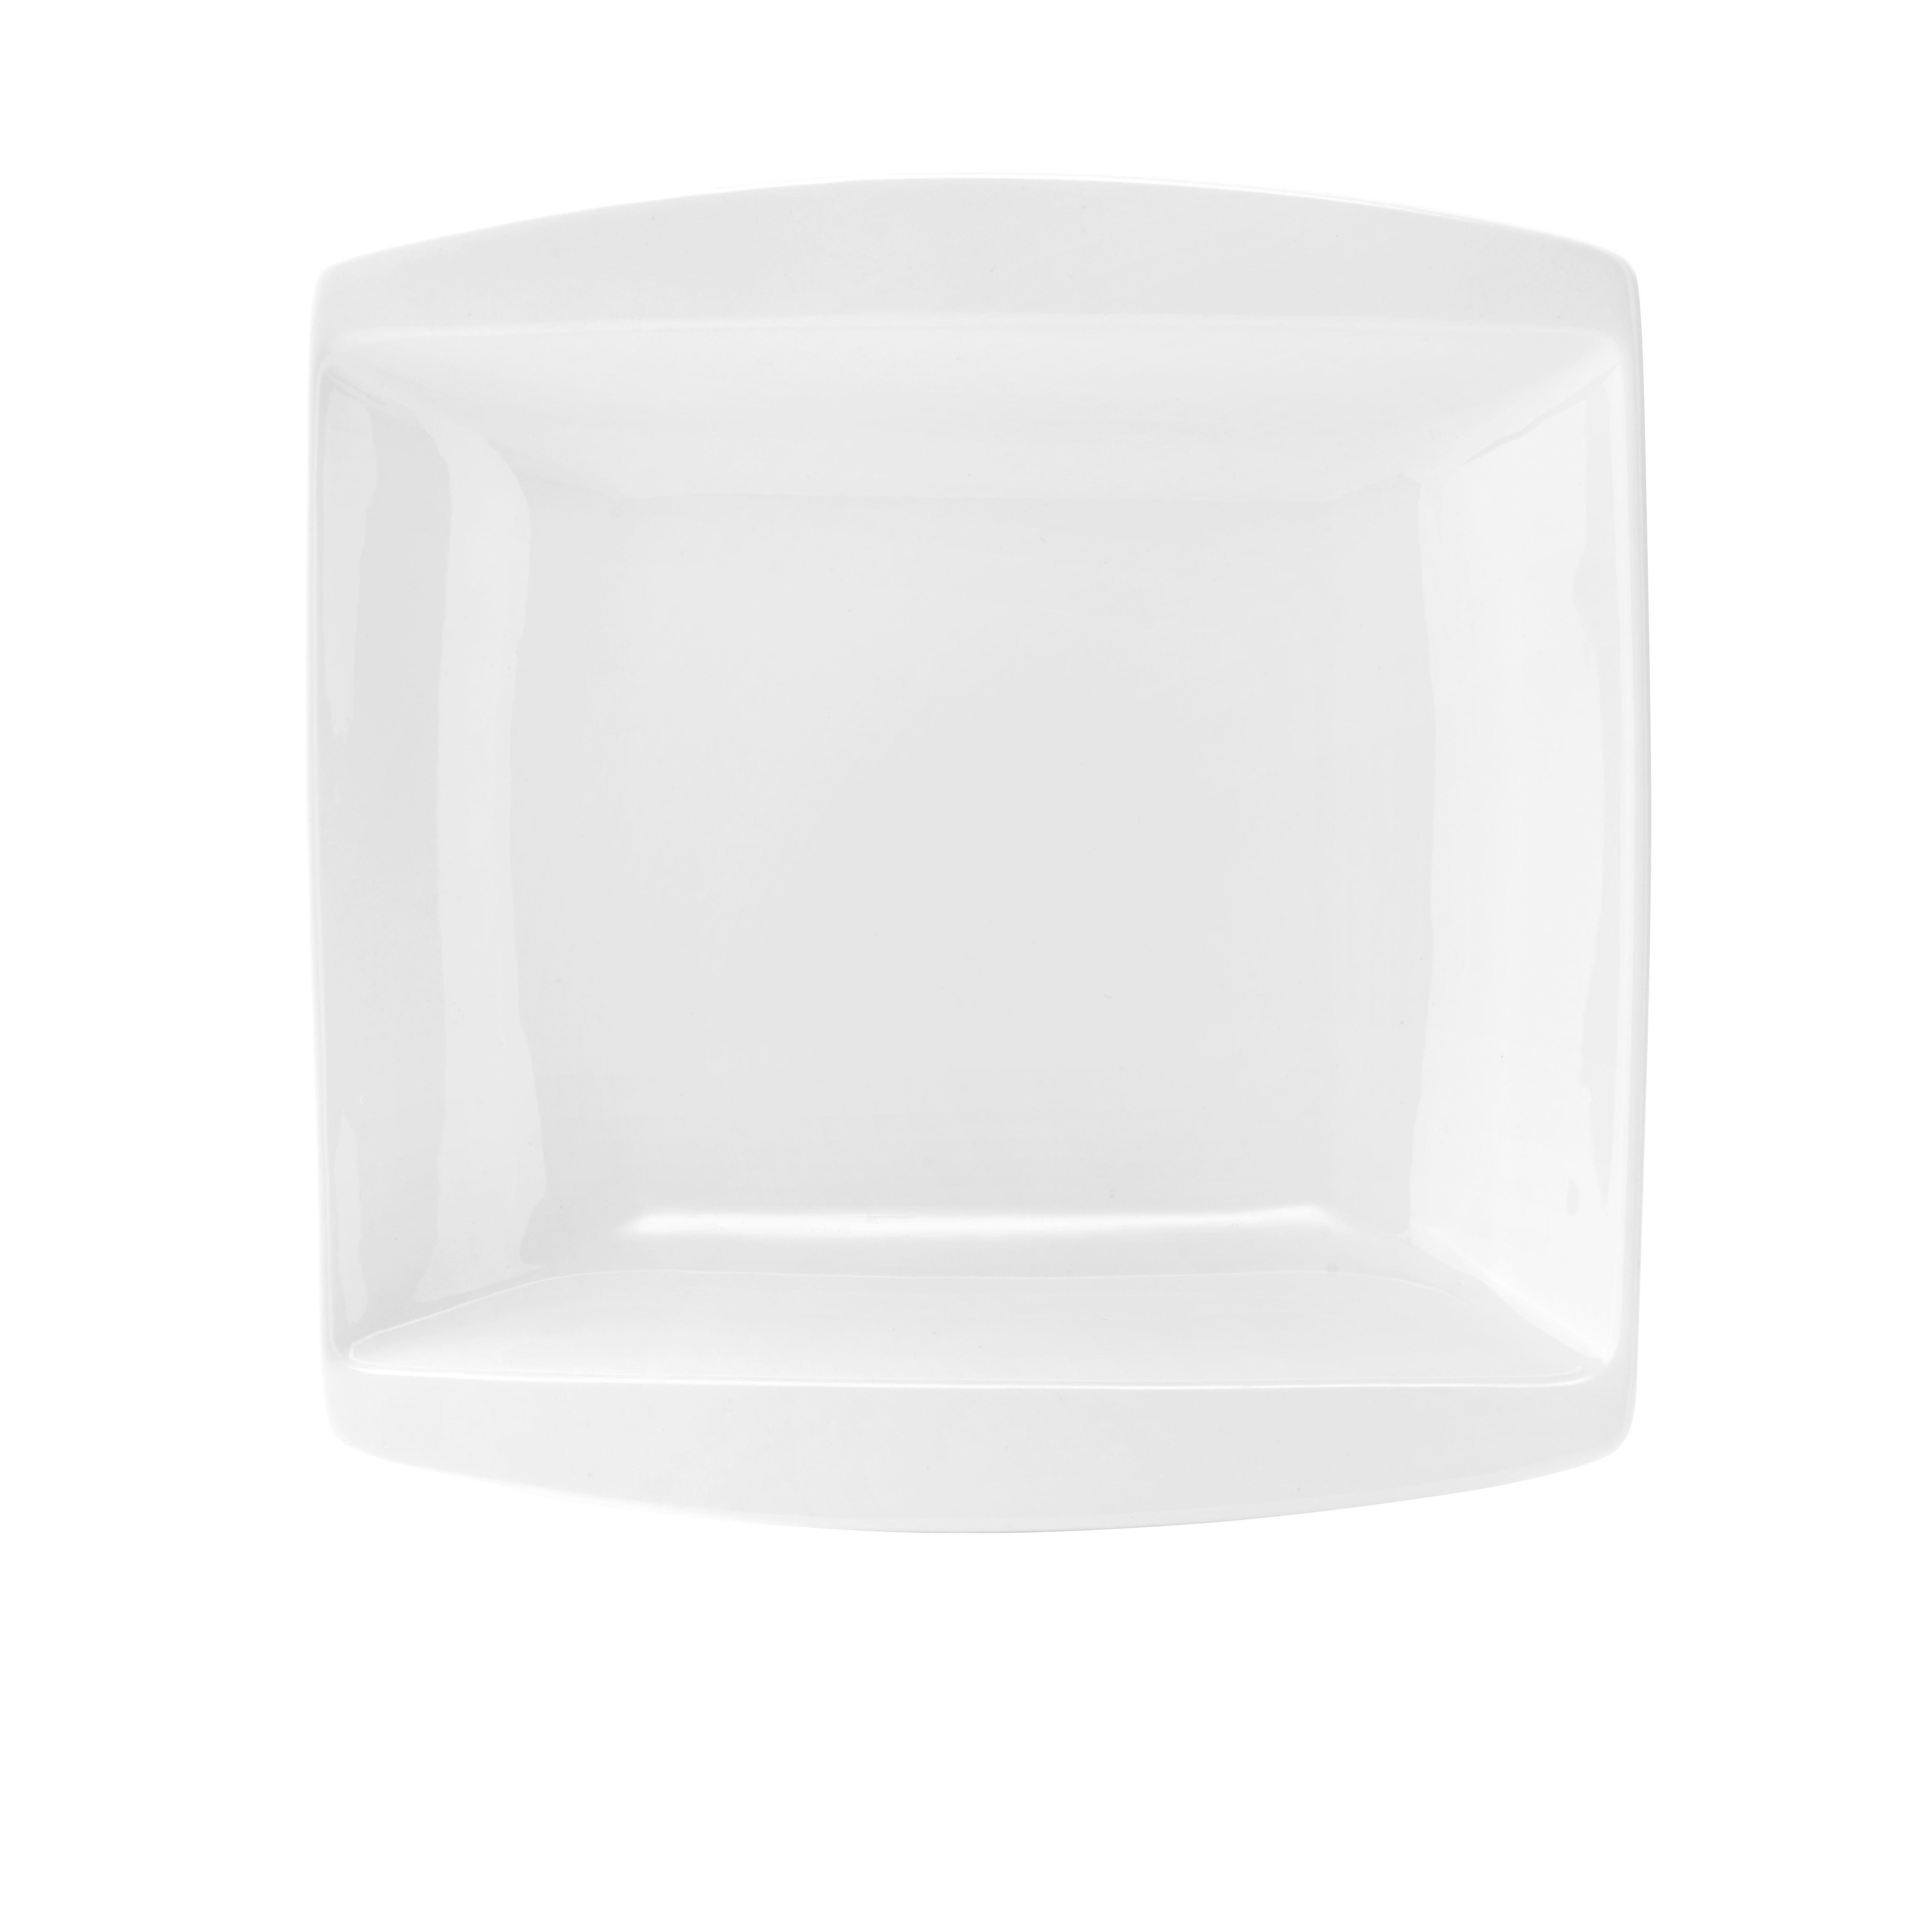 Suppenteller Pura in Weiß - Weiß, LIFESTYLE, Keramik (20,4/20,4cm) - MÖMAX modern living